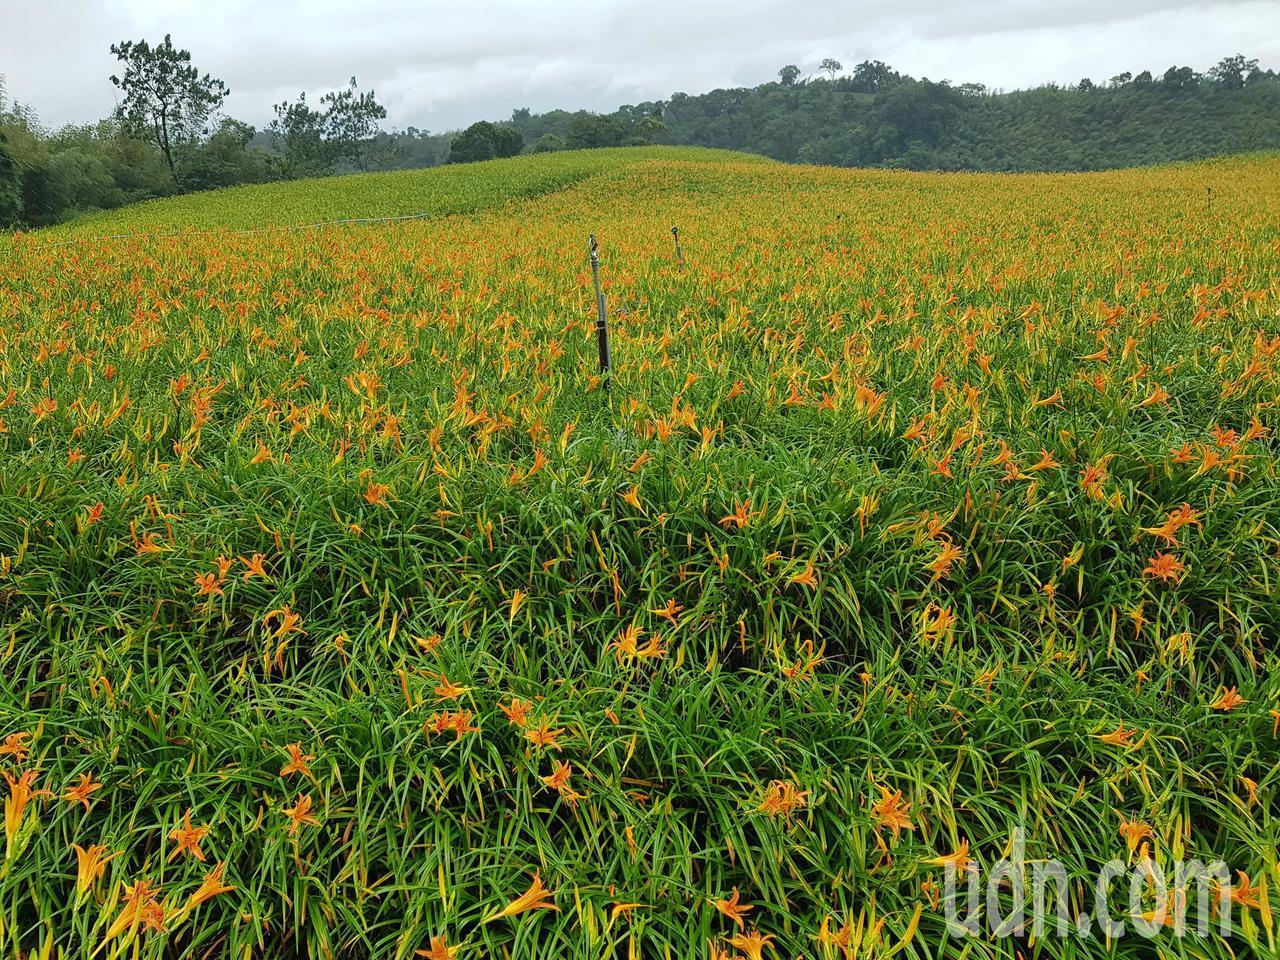 赤科山金針花幾乎沒掉落,甚至在雨水補充後20天內花況都會很好。圖/赤科山農村社區...